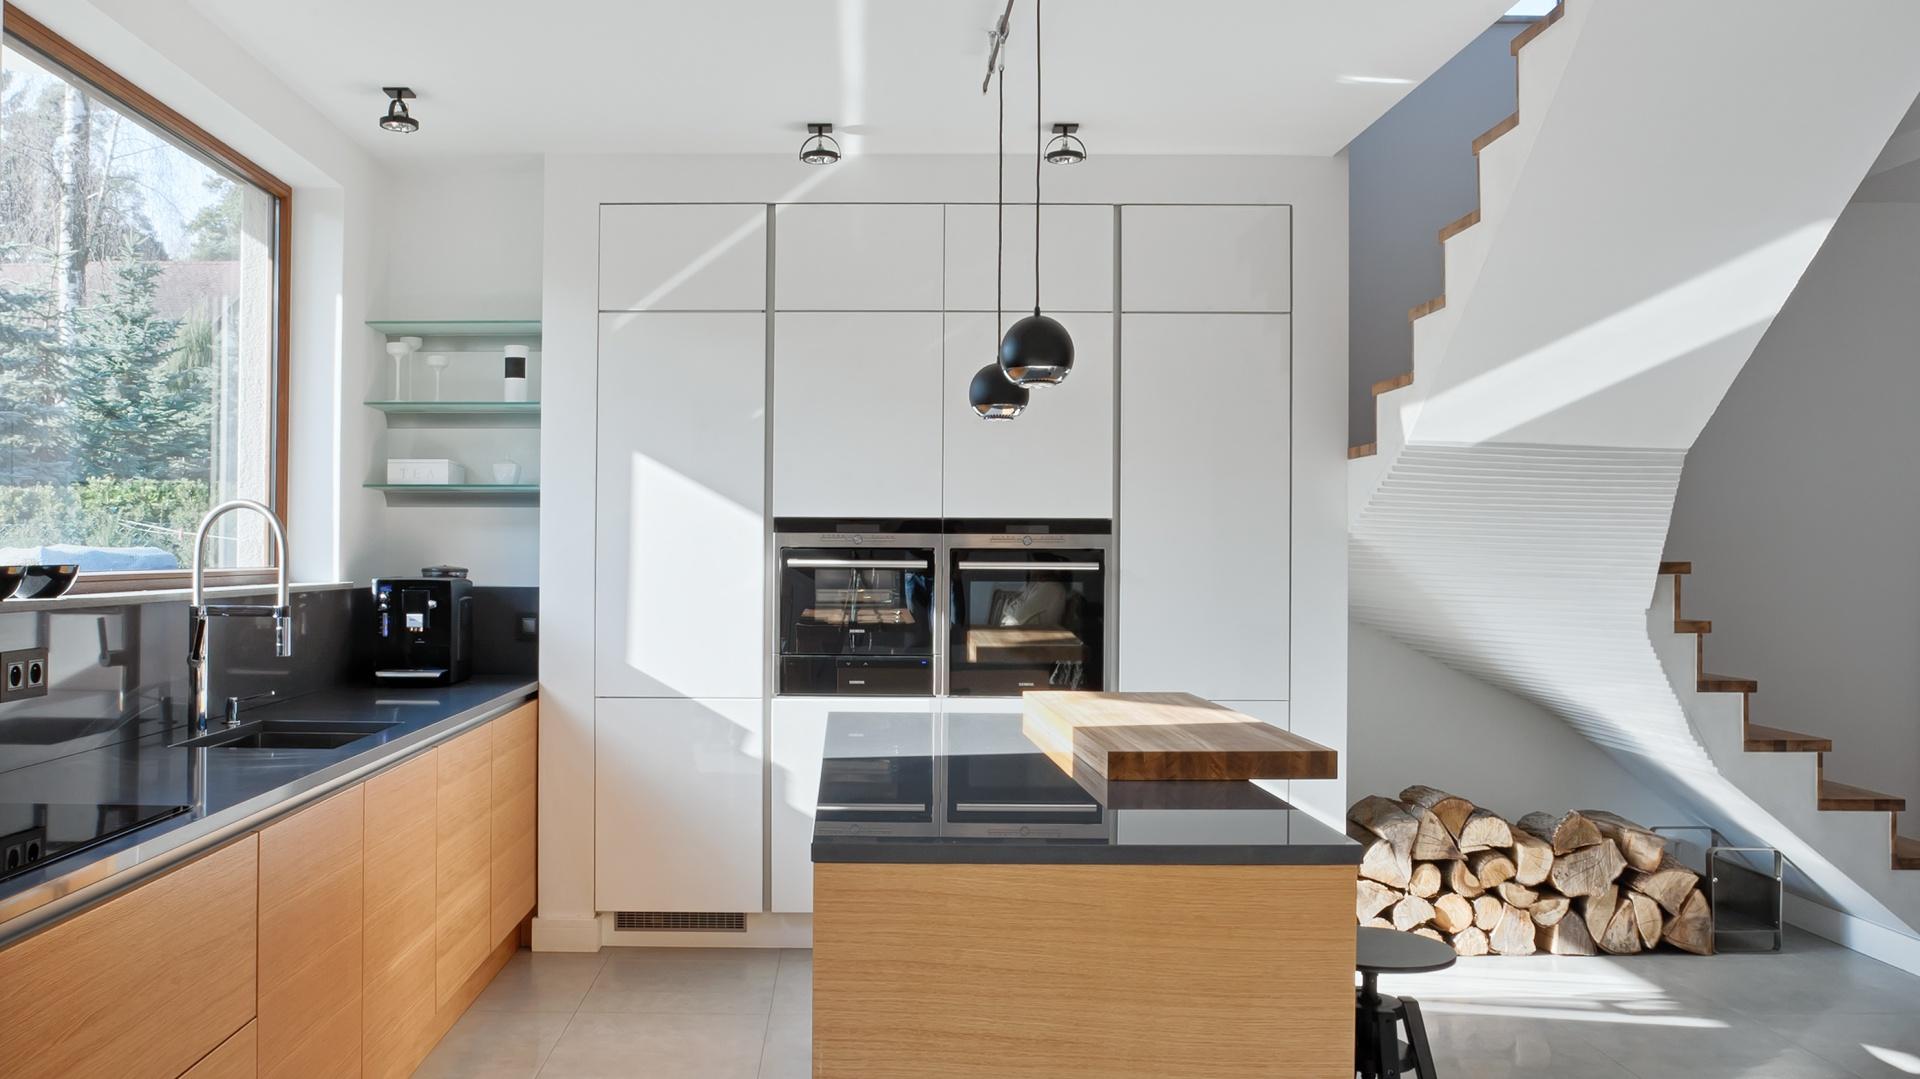 Nowoczesna kuchnia z wysoką zabudową z białymi frontami w macie oraz dolna zabudową w kolorze drewna. Wszystko zamknięto w minimalistyczne formy. Fot. Atlas Kuchnie.